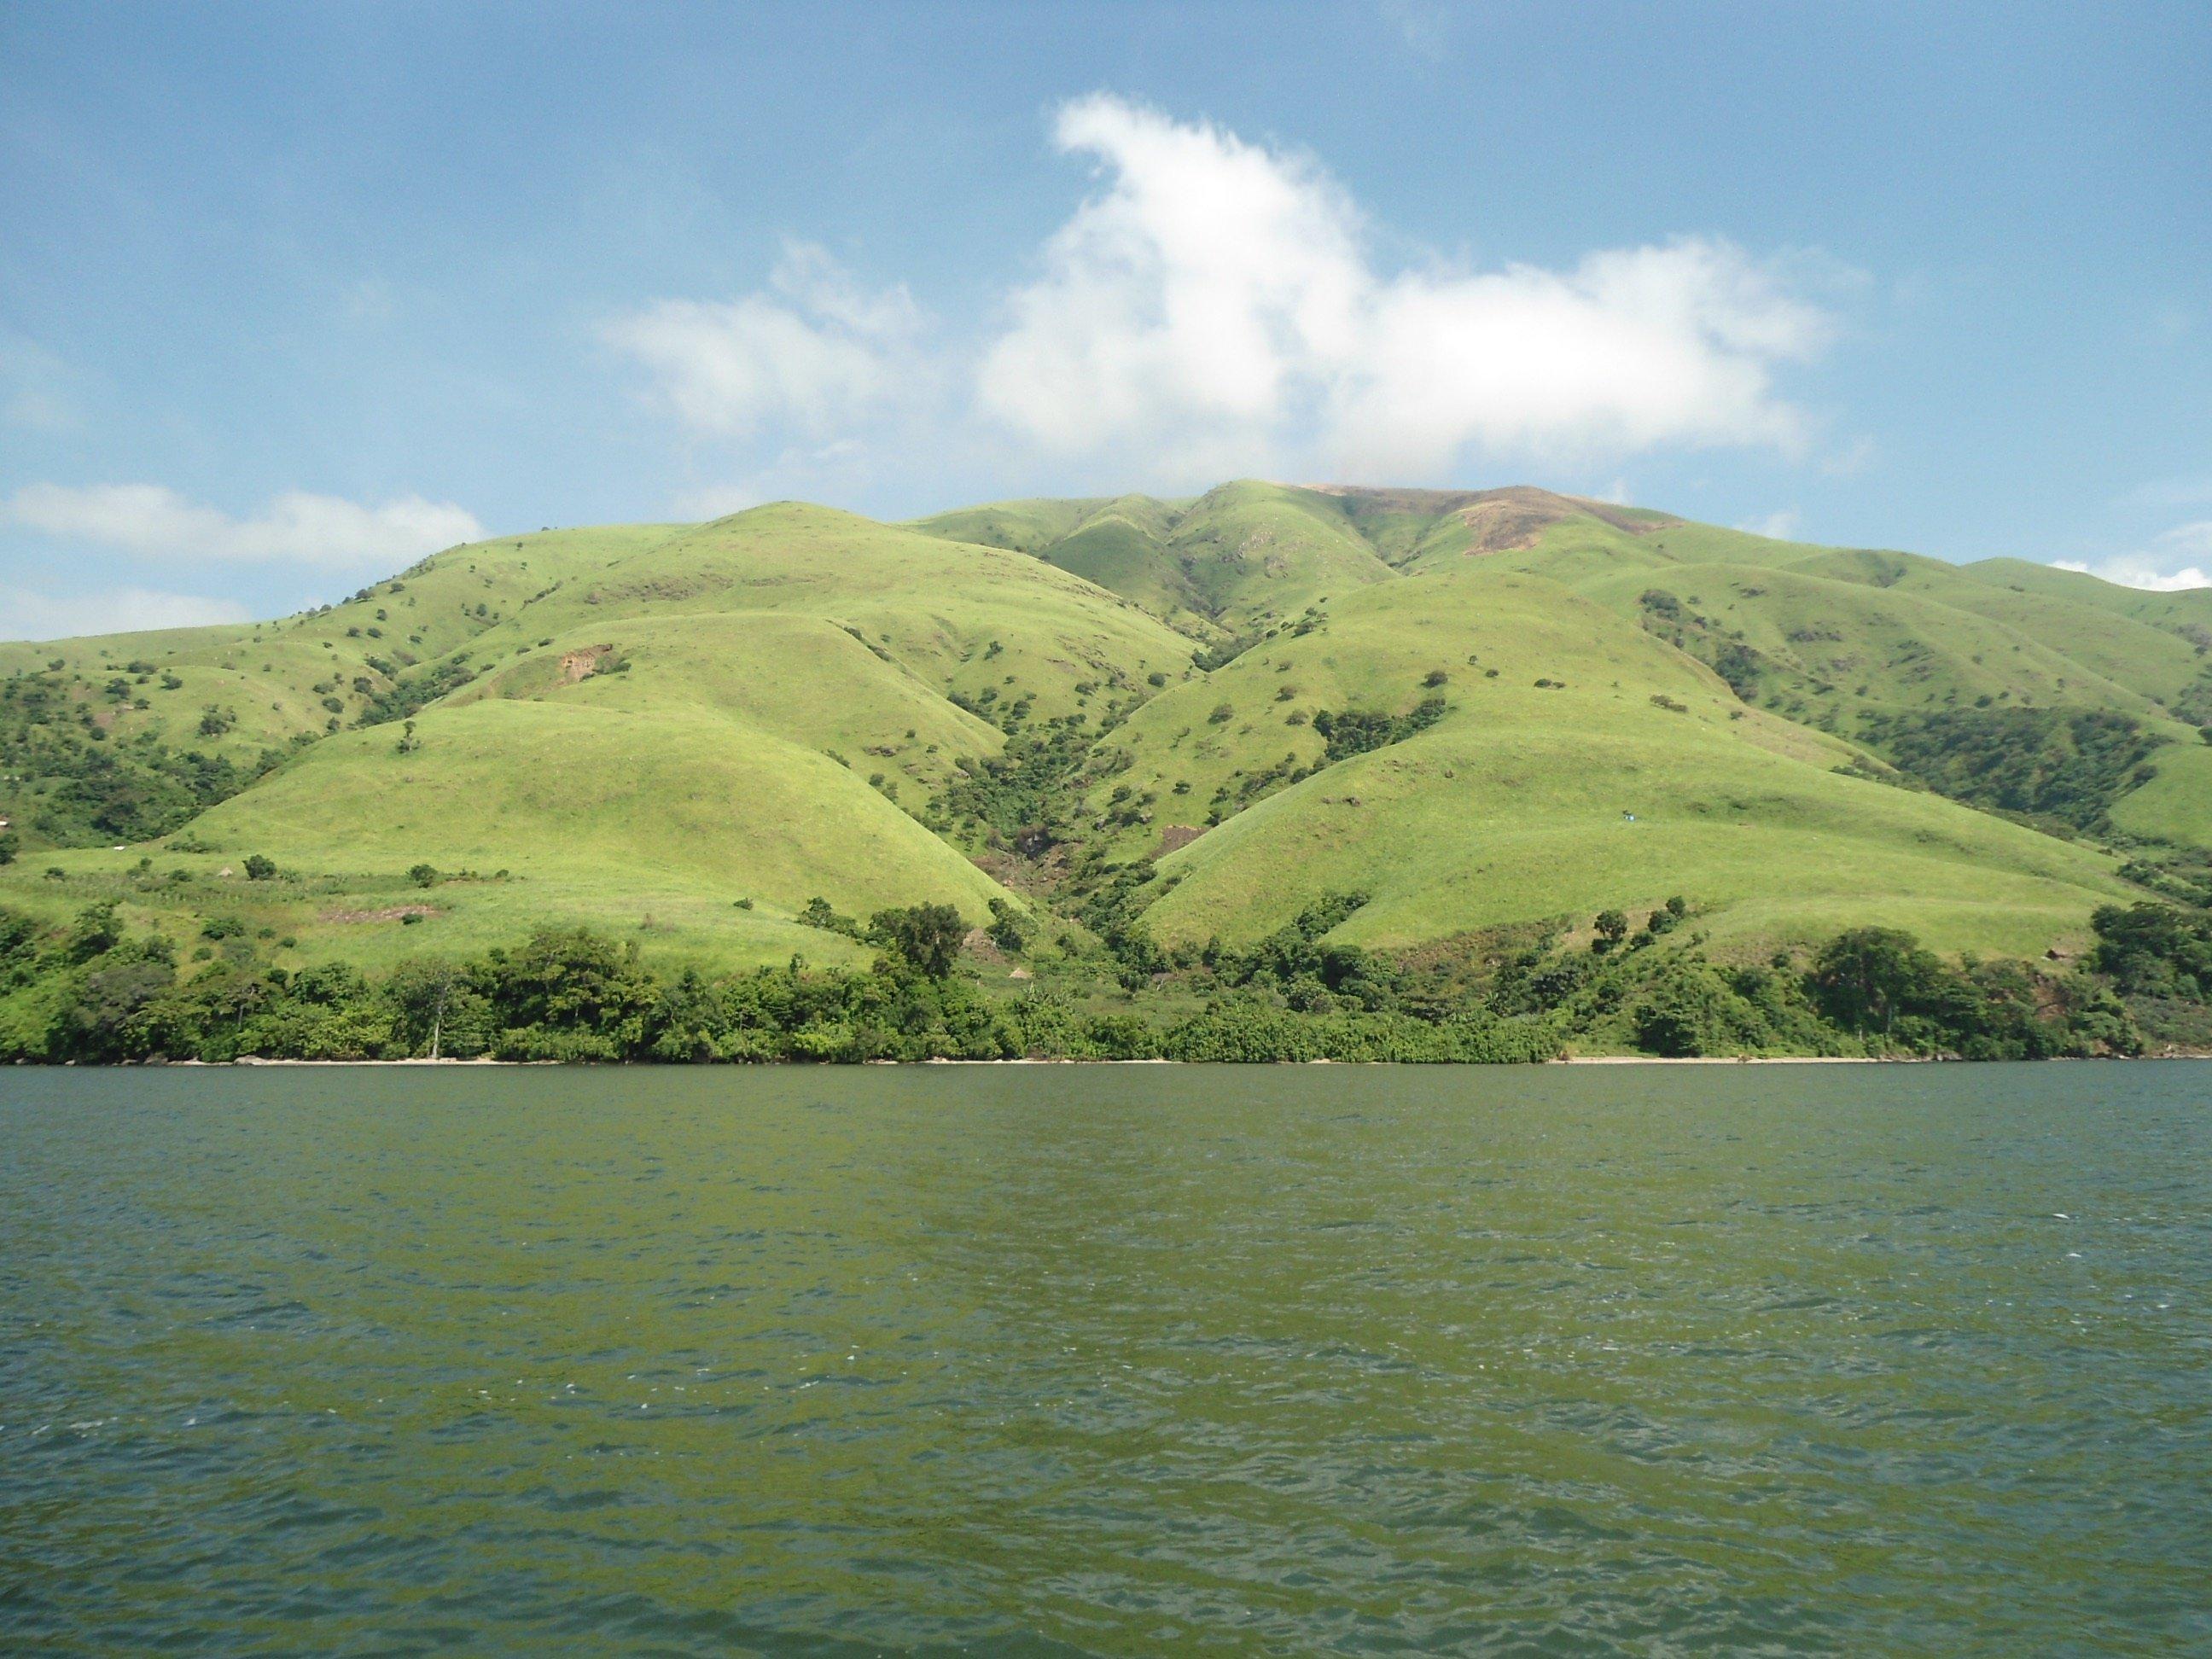 Vue de la côte Ouest du lac Edouard au Nord-Kivu, RD Congo